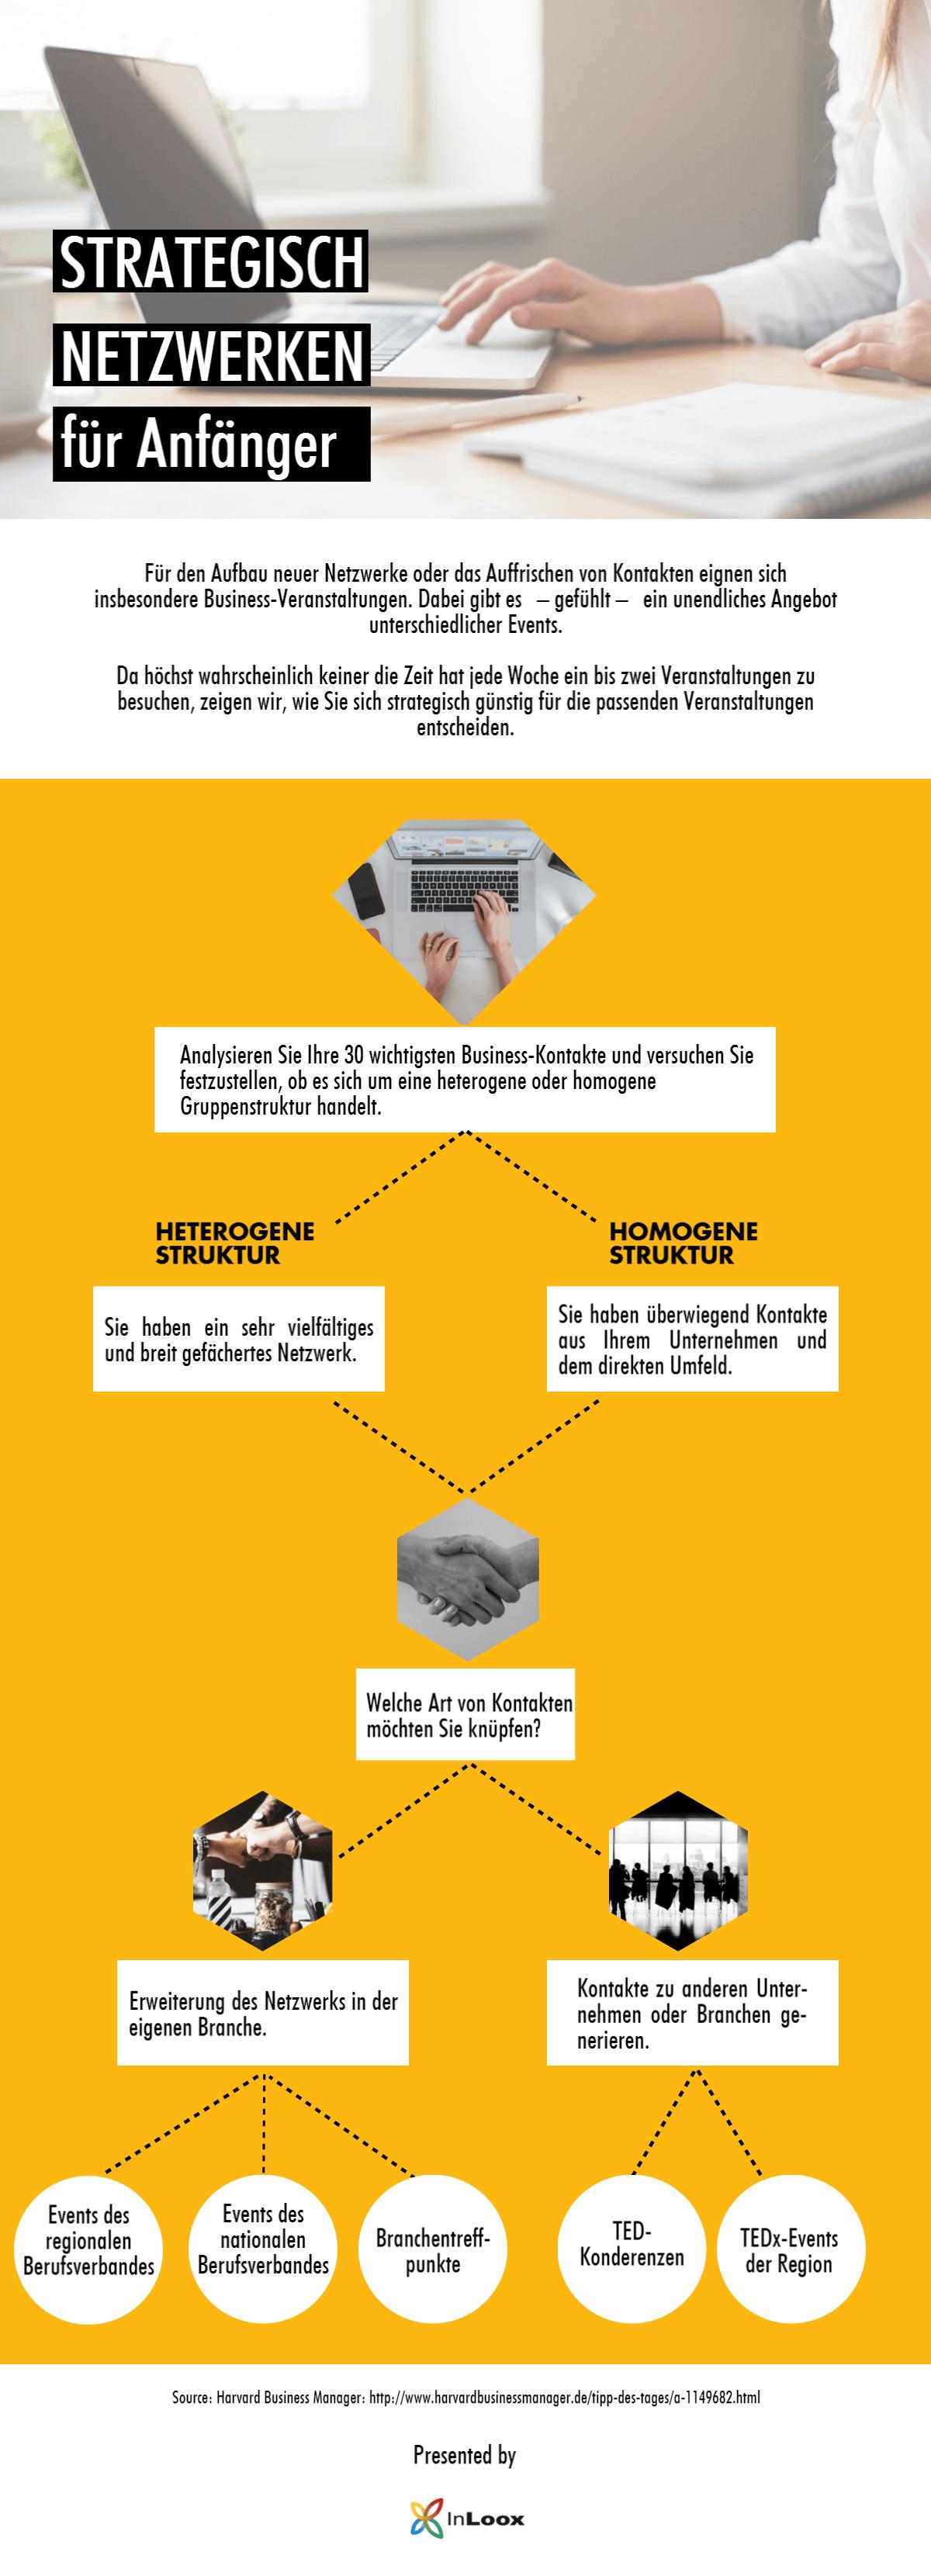 Infografik: Strategisch Netzwerken für Anfänger